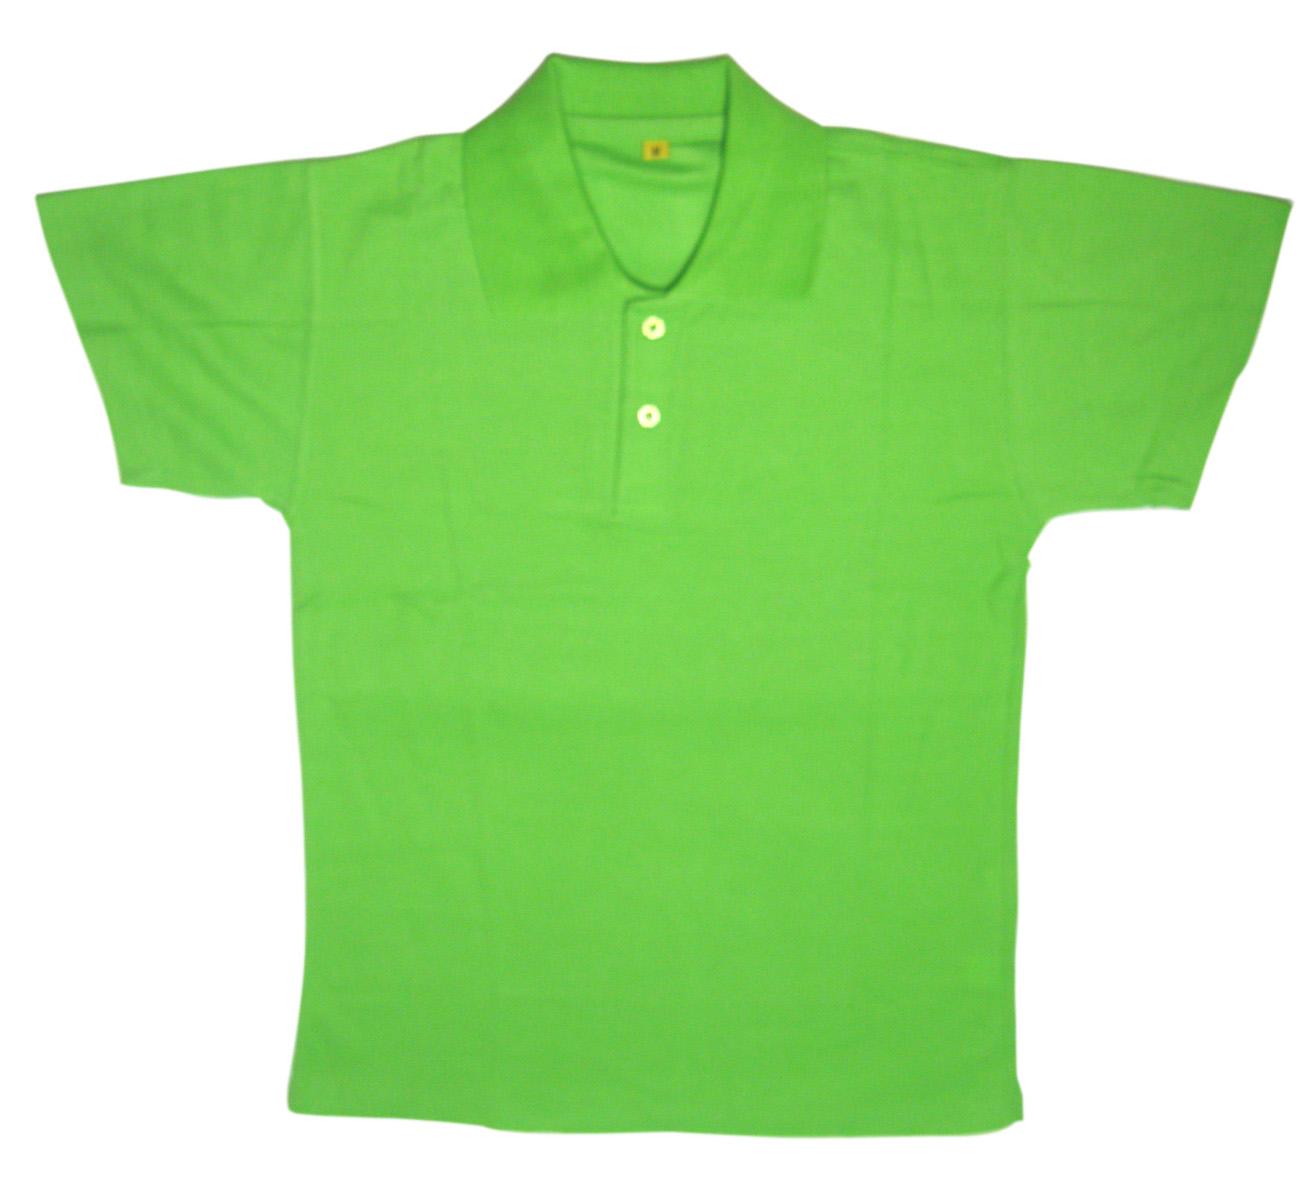 濟南廣告衫供應,大量庫存,濟南工作服批發